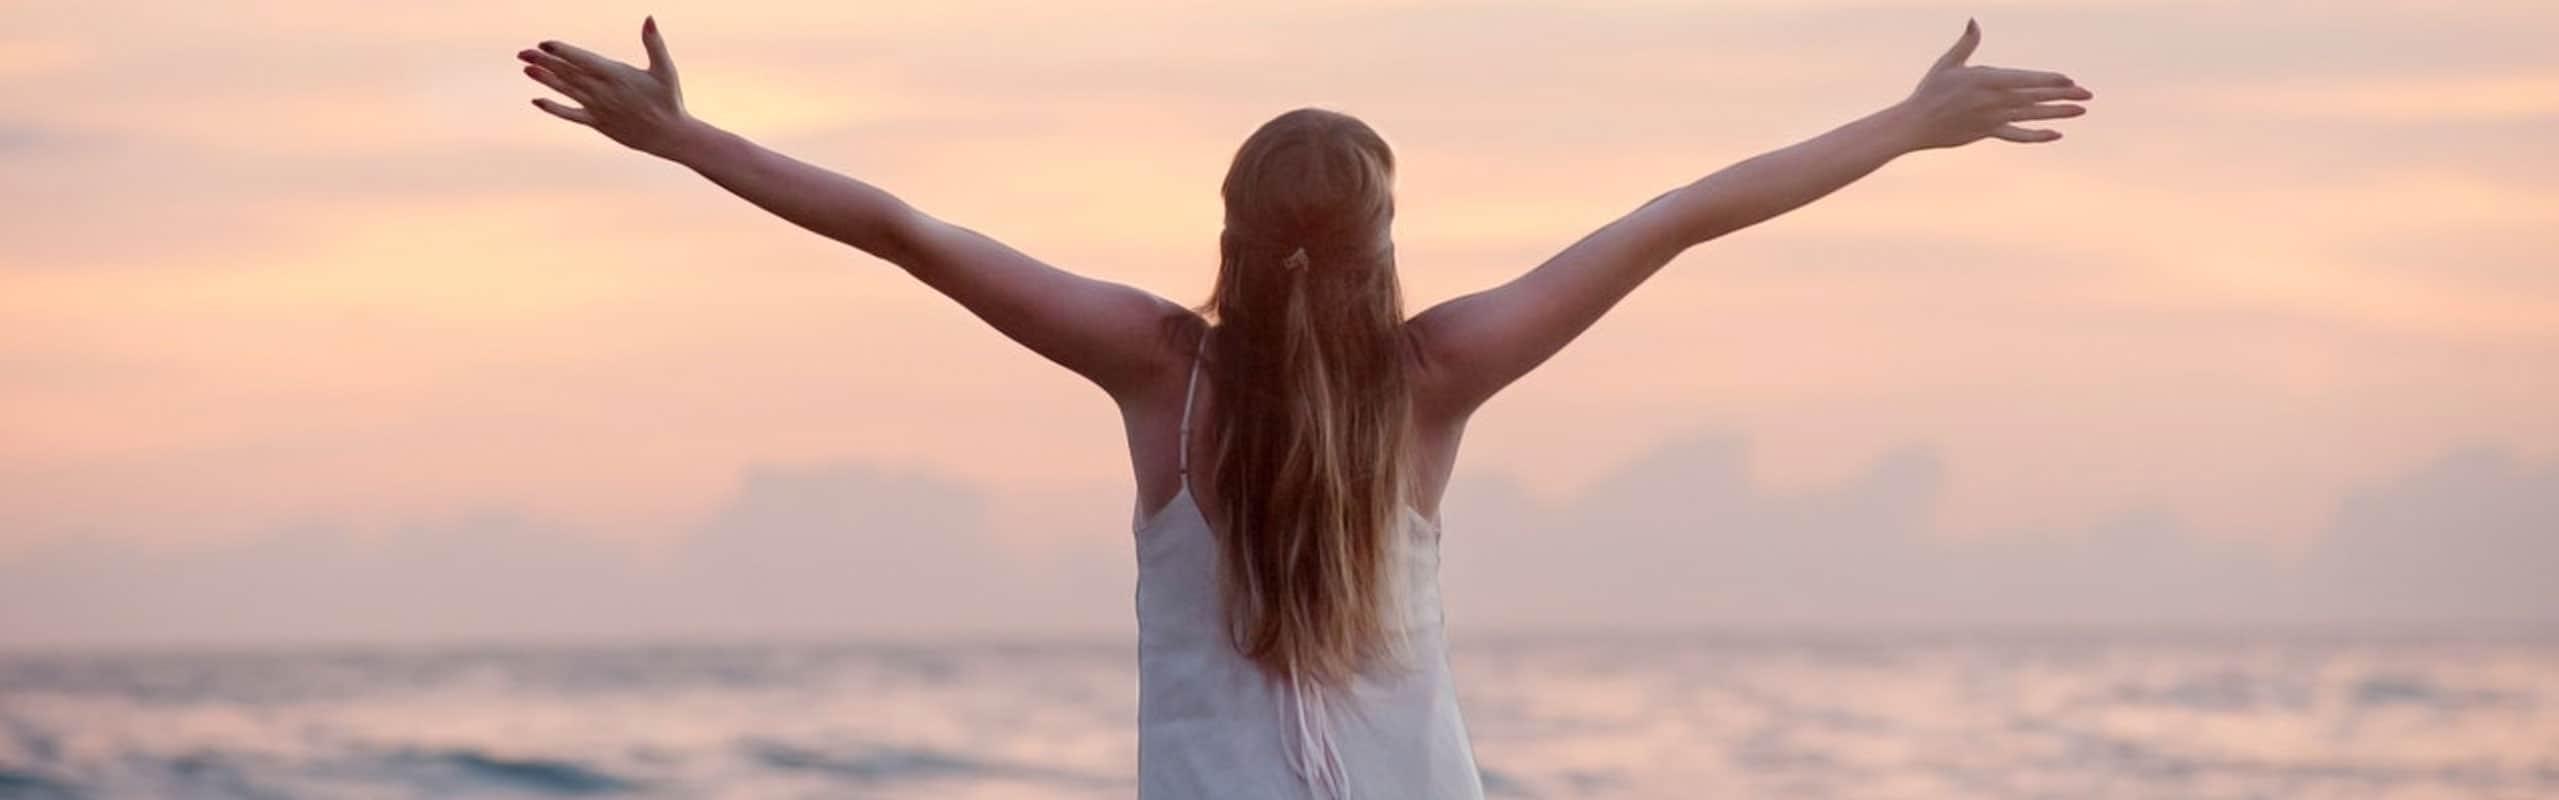 Aprende a mejorar tu autoestima con estos consejos